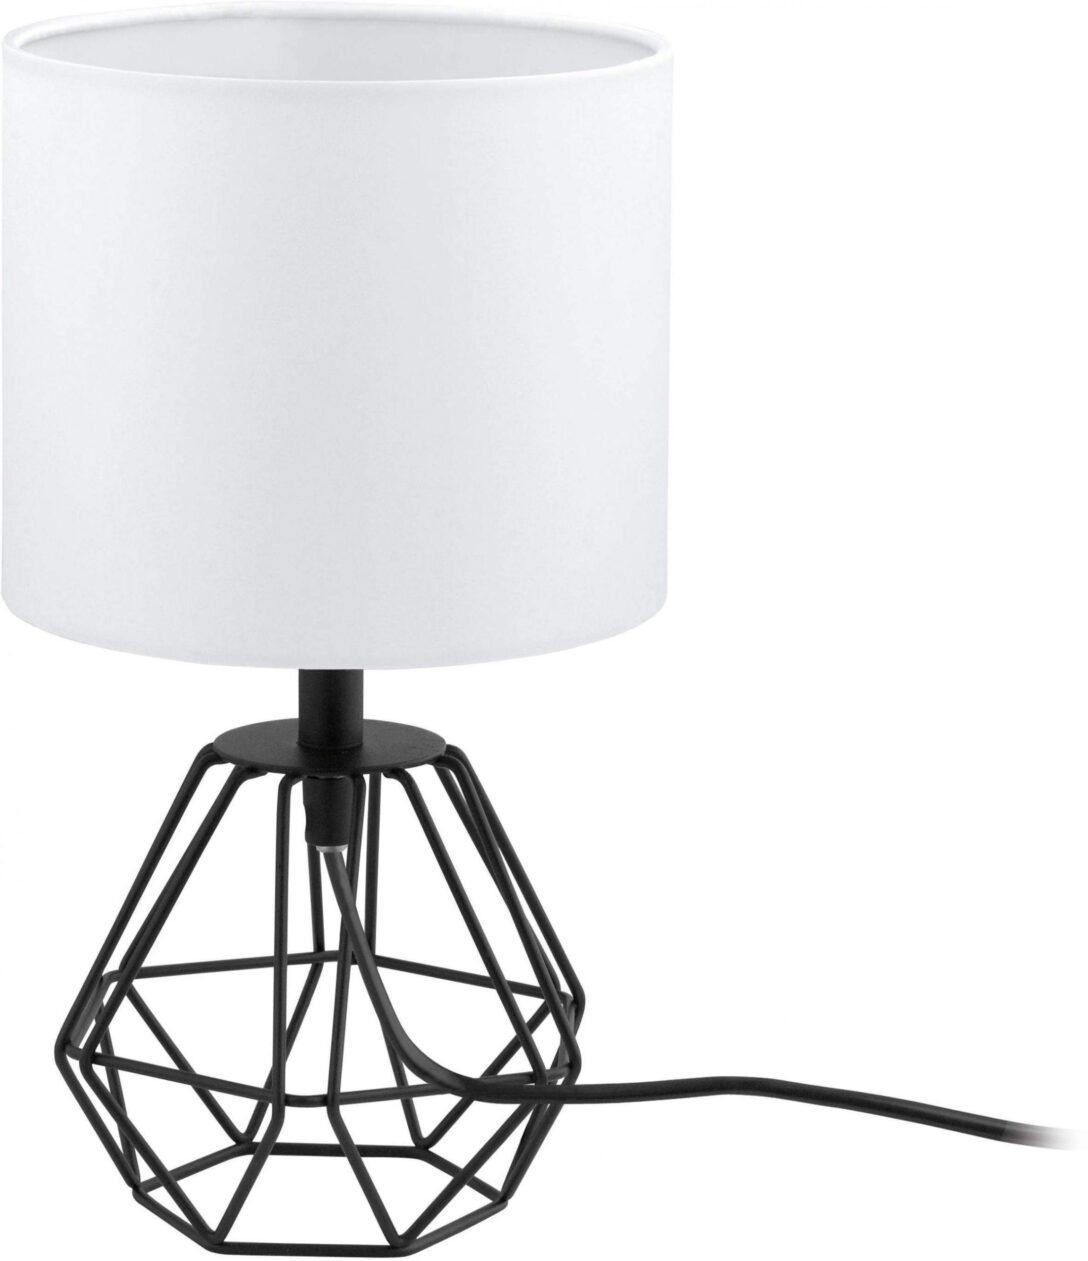 Large Size of Tischlampe Wohnzimmer Holz Dimmbar Amazon Lampe Led Ikea Modern Ebay Das Beste Von Inspirierend Deckenleuchten Deckenstrahler Teppich Bilder Xxl Fototapeten Wohnzimmer Wohnzimmer Tischlampe